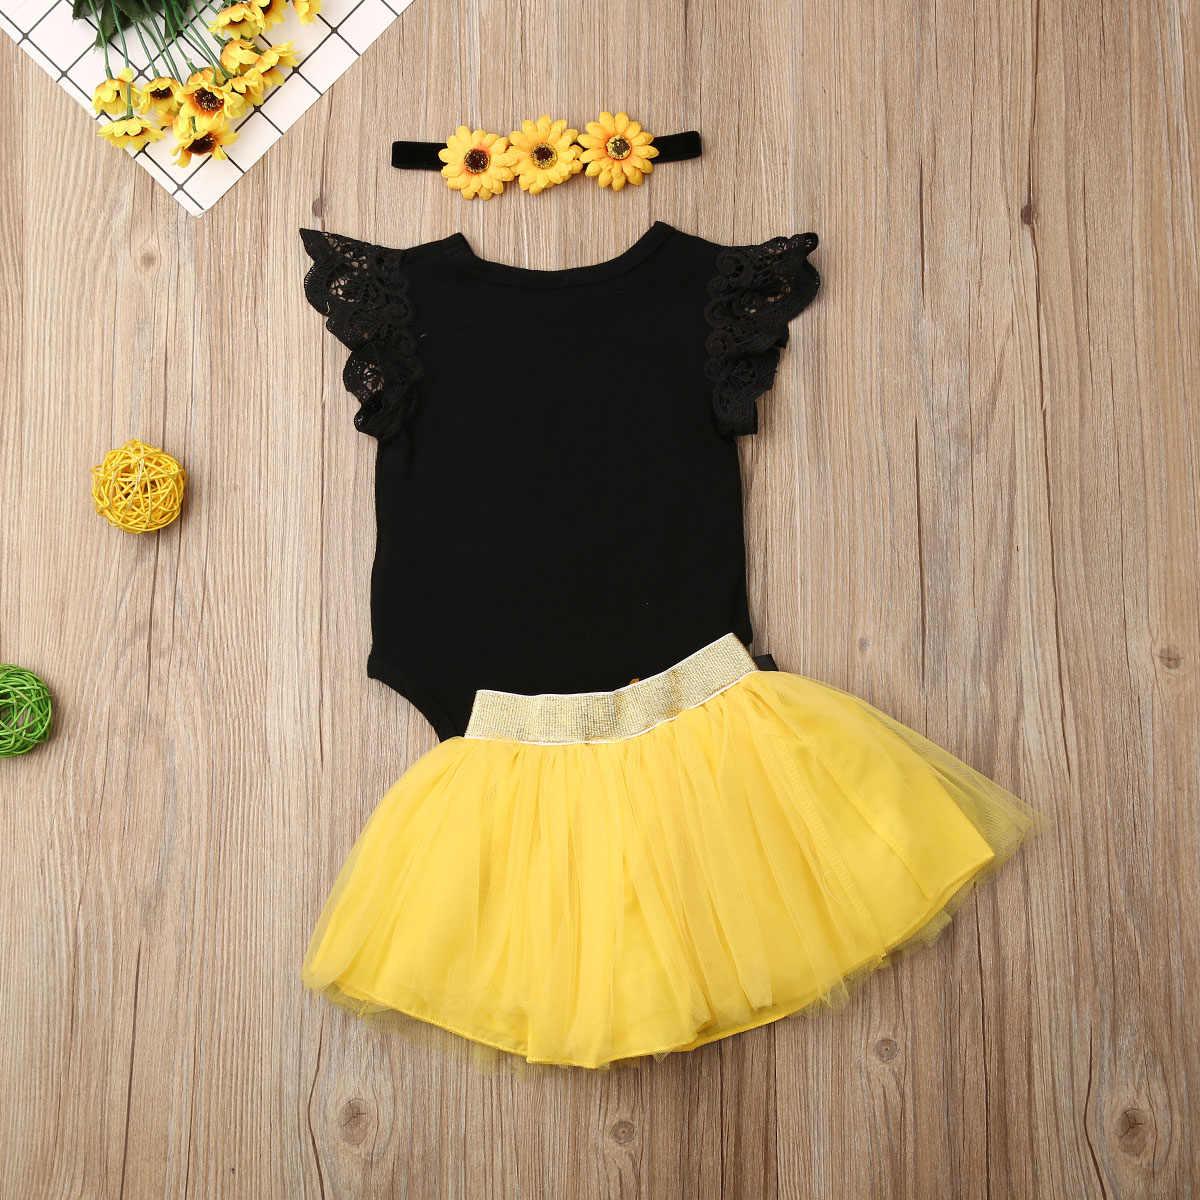 Bebek Kız Giysileri 3 ADET Bebek Kız 1st Doğum Günü Kıyafet Parti Çiçekler Bodysuit + Pastası Smash Tutu Etek + kafa bandı